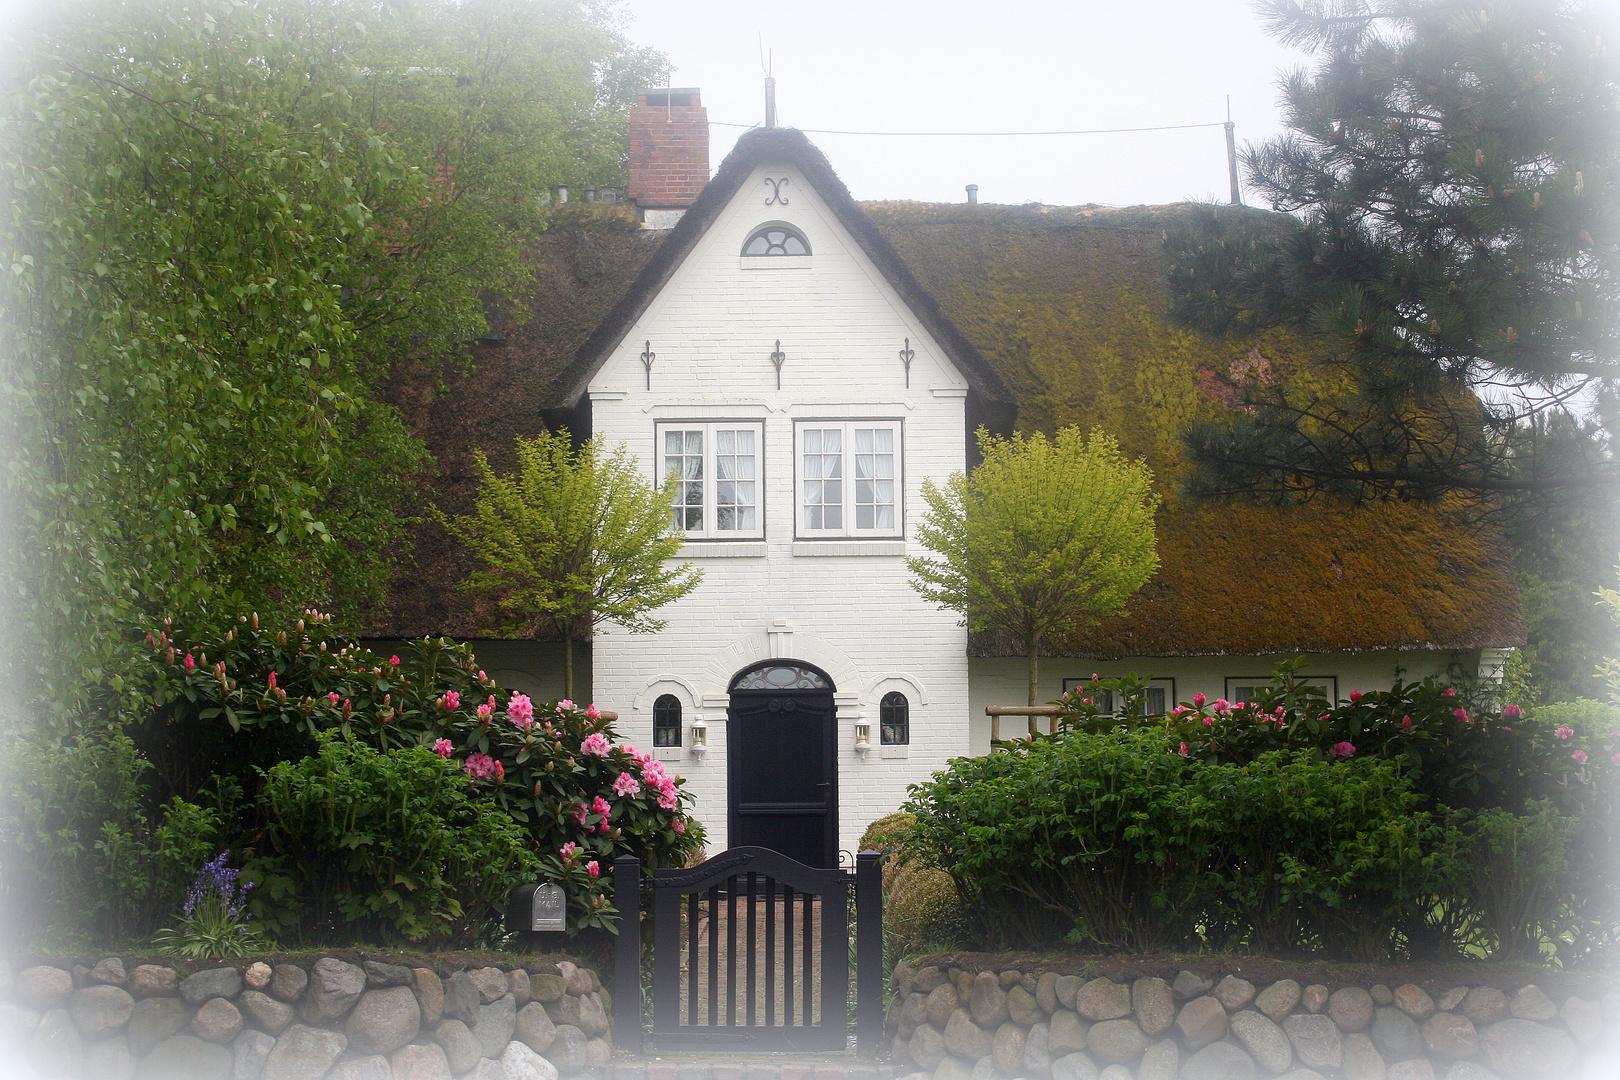 wohnst du noch oder lebst du schon foto bild deutschland europe schleswig holstein. Black Bedroom Furniture Sets. Home Design Ideas